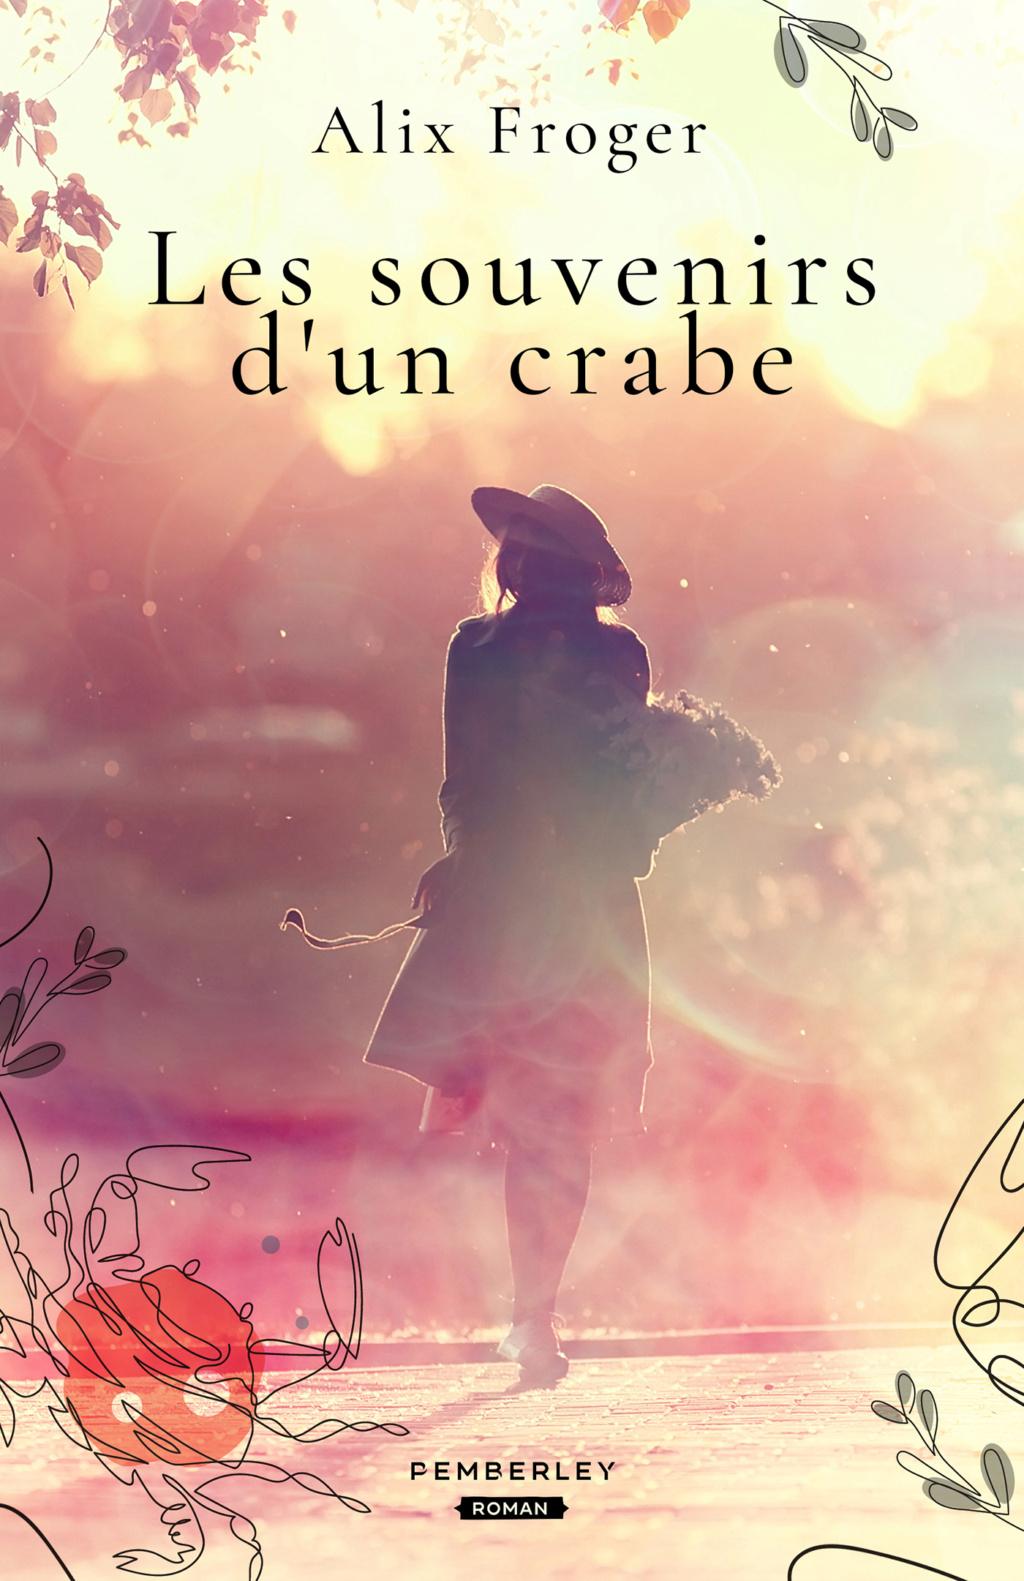 Les souvenirs d'un crabe de Alix Froger F1357410